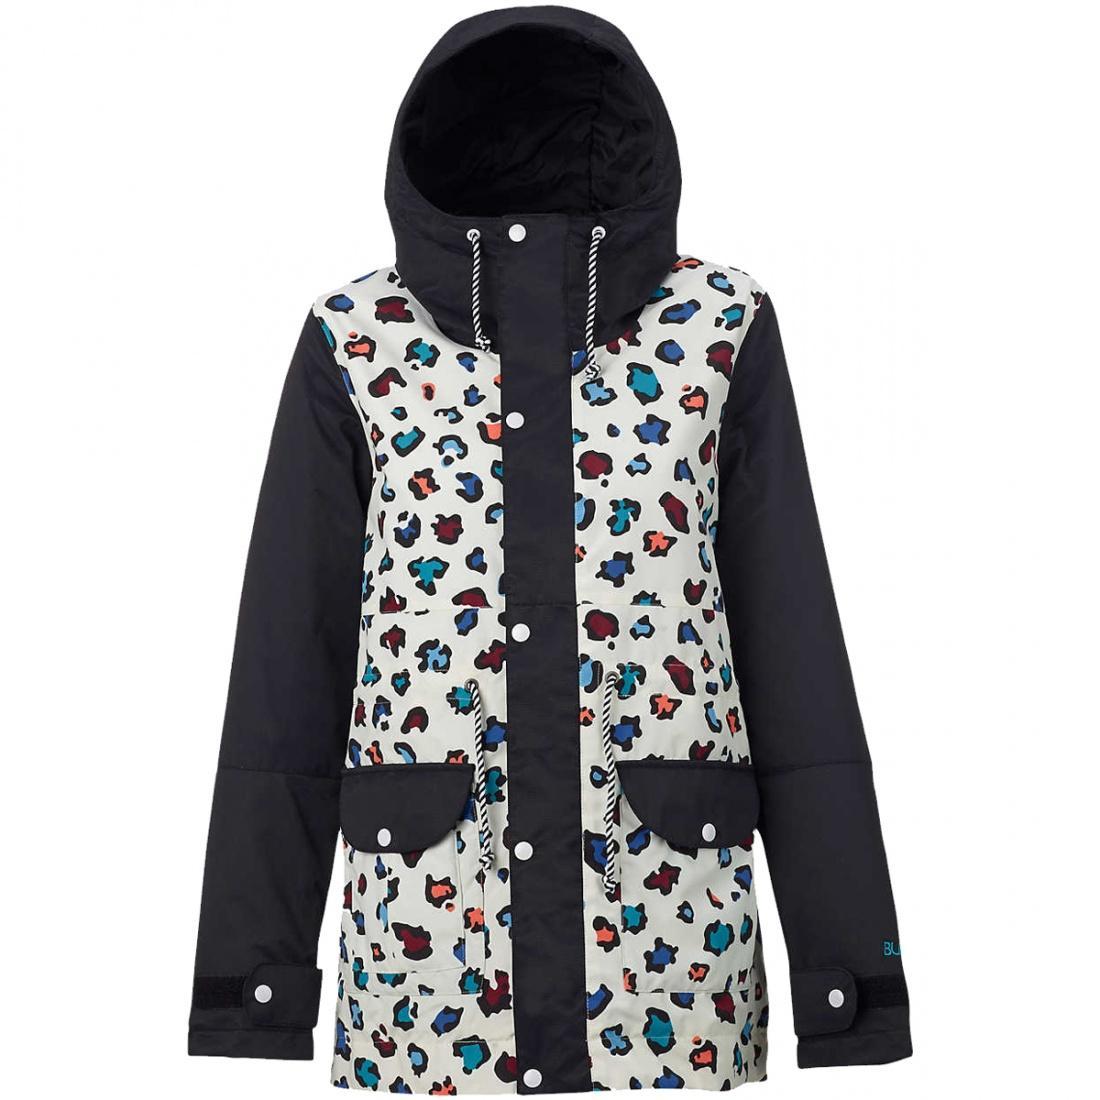 Куртка W TWC TROUBLMAKR JK г/лКуртки<br>Потому что это оригинально. Потому что это так же удобно как и городская одежда. Потому что этот удлиненный силуэт отлично сочетается и со...<br><br>Цвет: Черный<br>Размер: XS